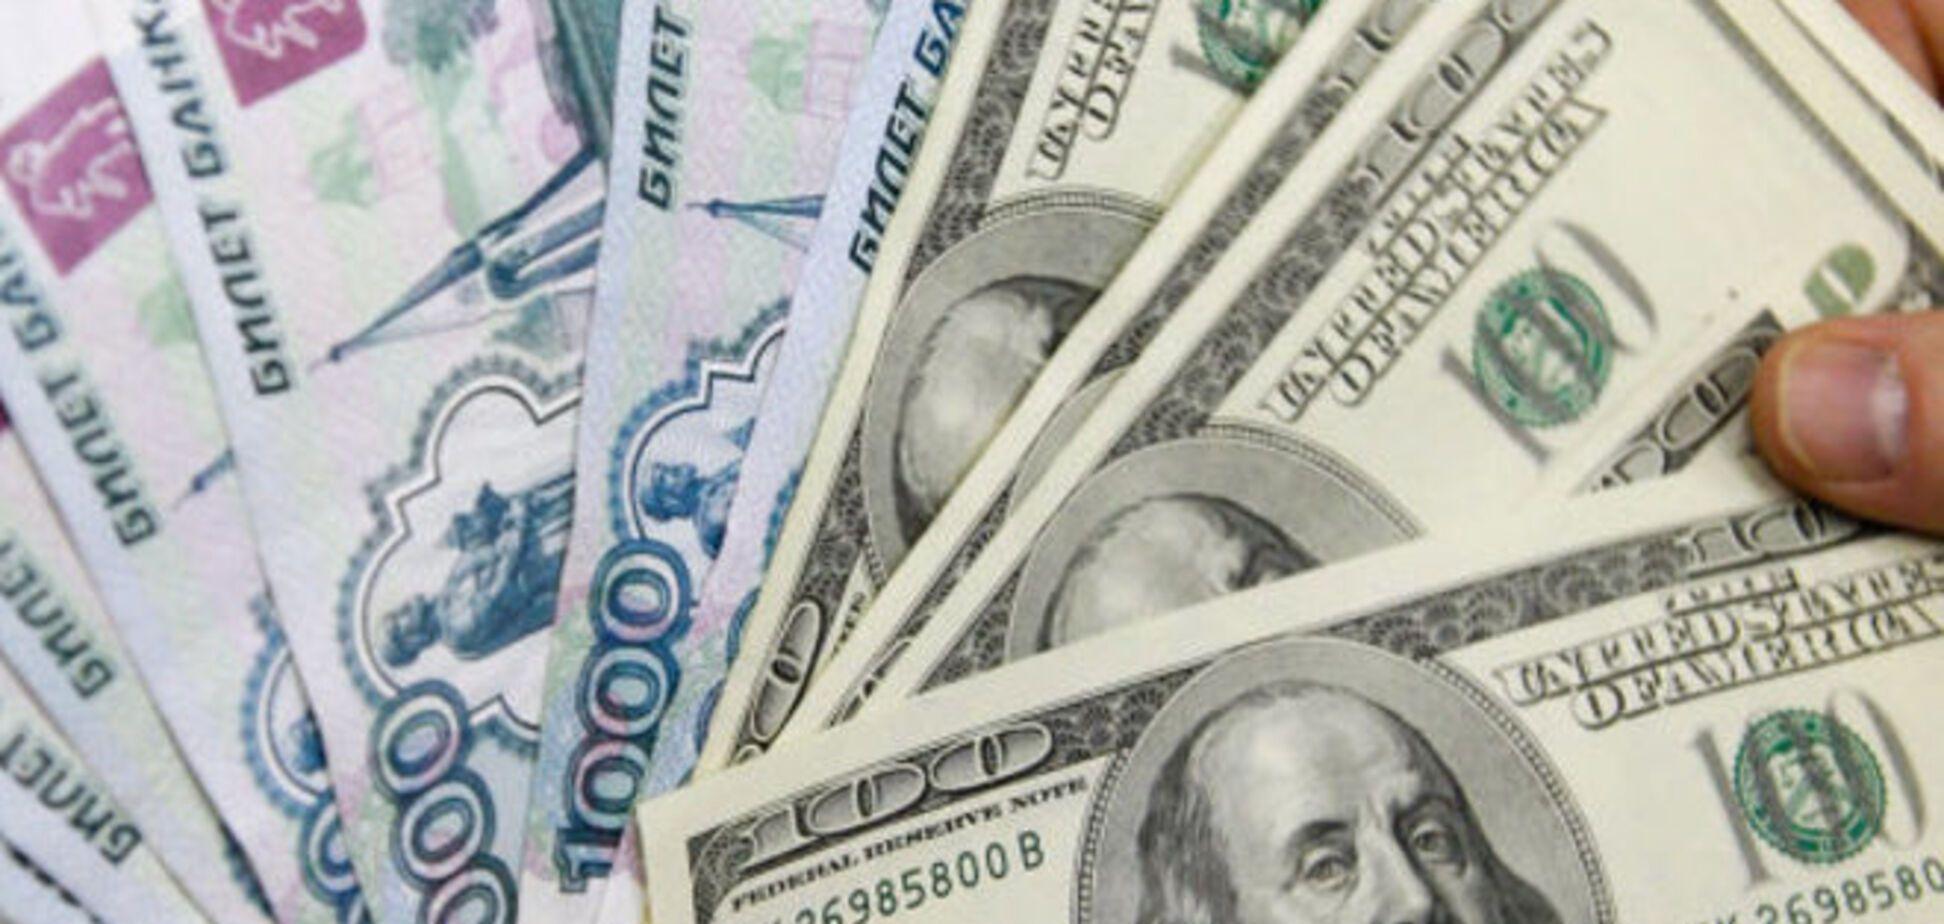 Финасовый аналитик Сальникова объяснила, с чем связано укрепление рубля